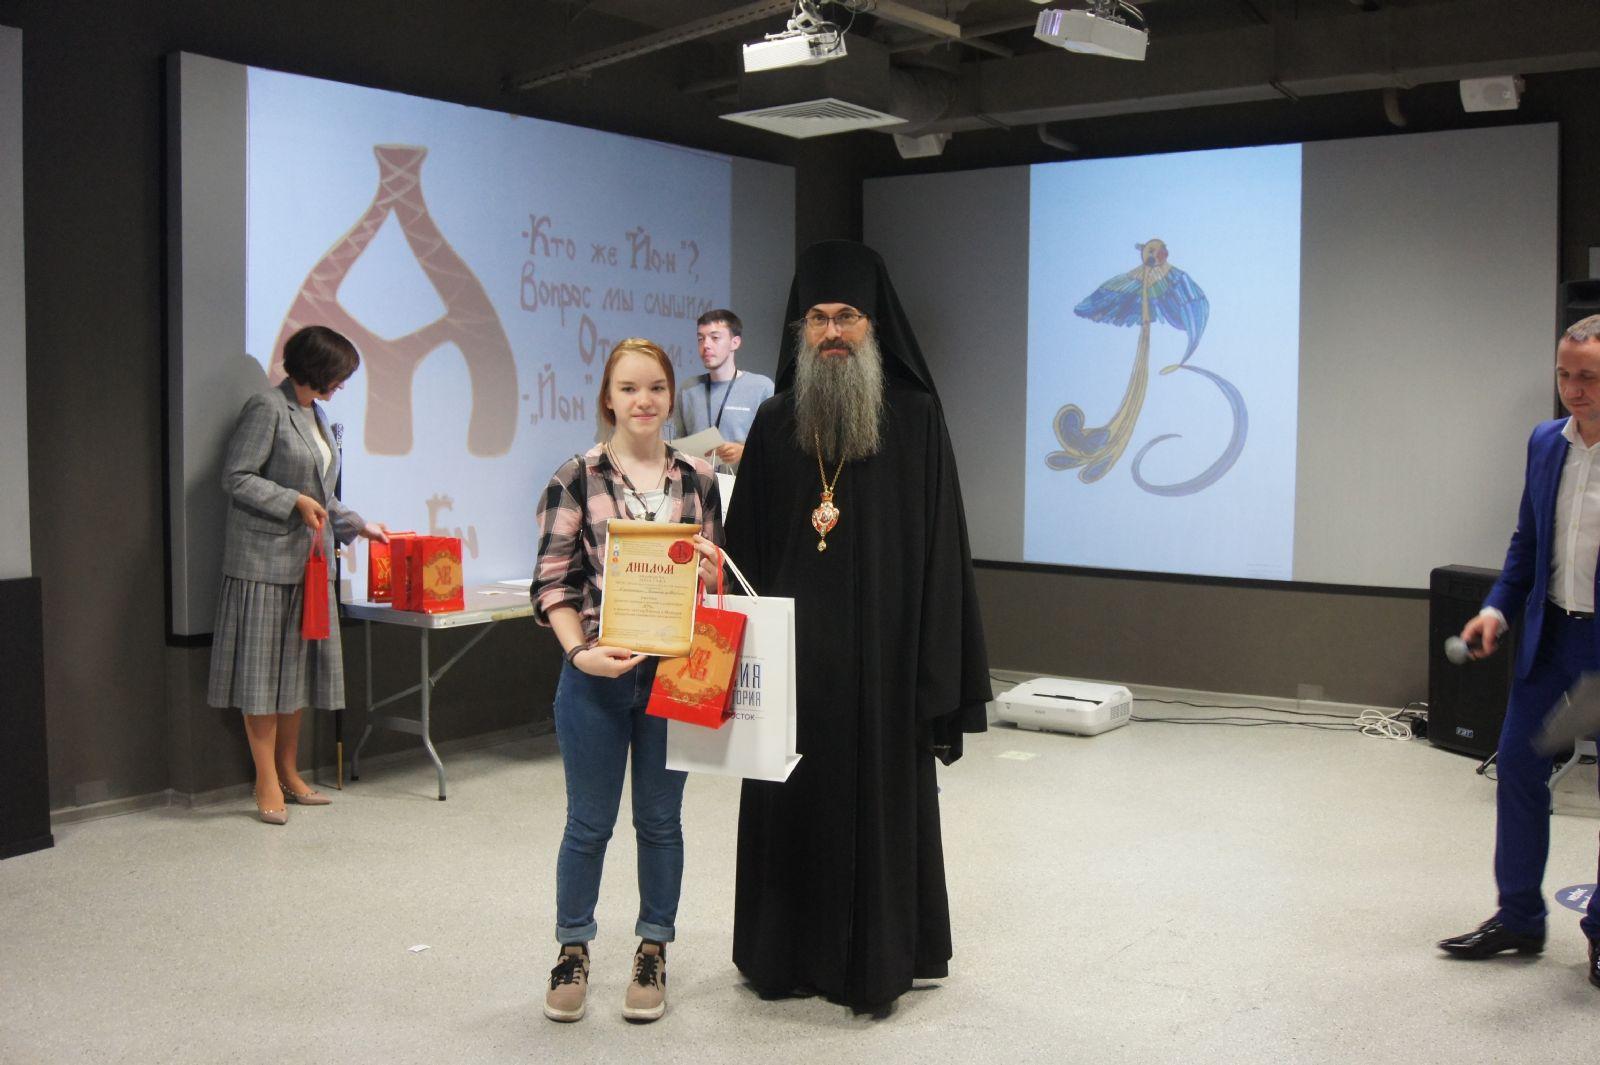 Епископ Иннокентий вручил награды победителям конкурса каллиграфии «Ять»